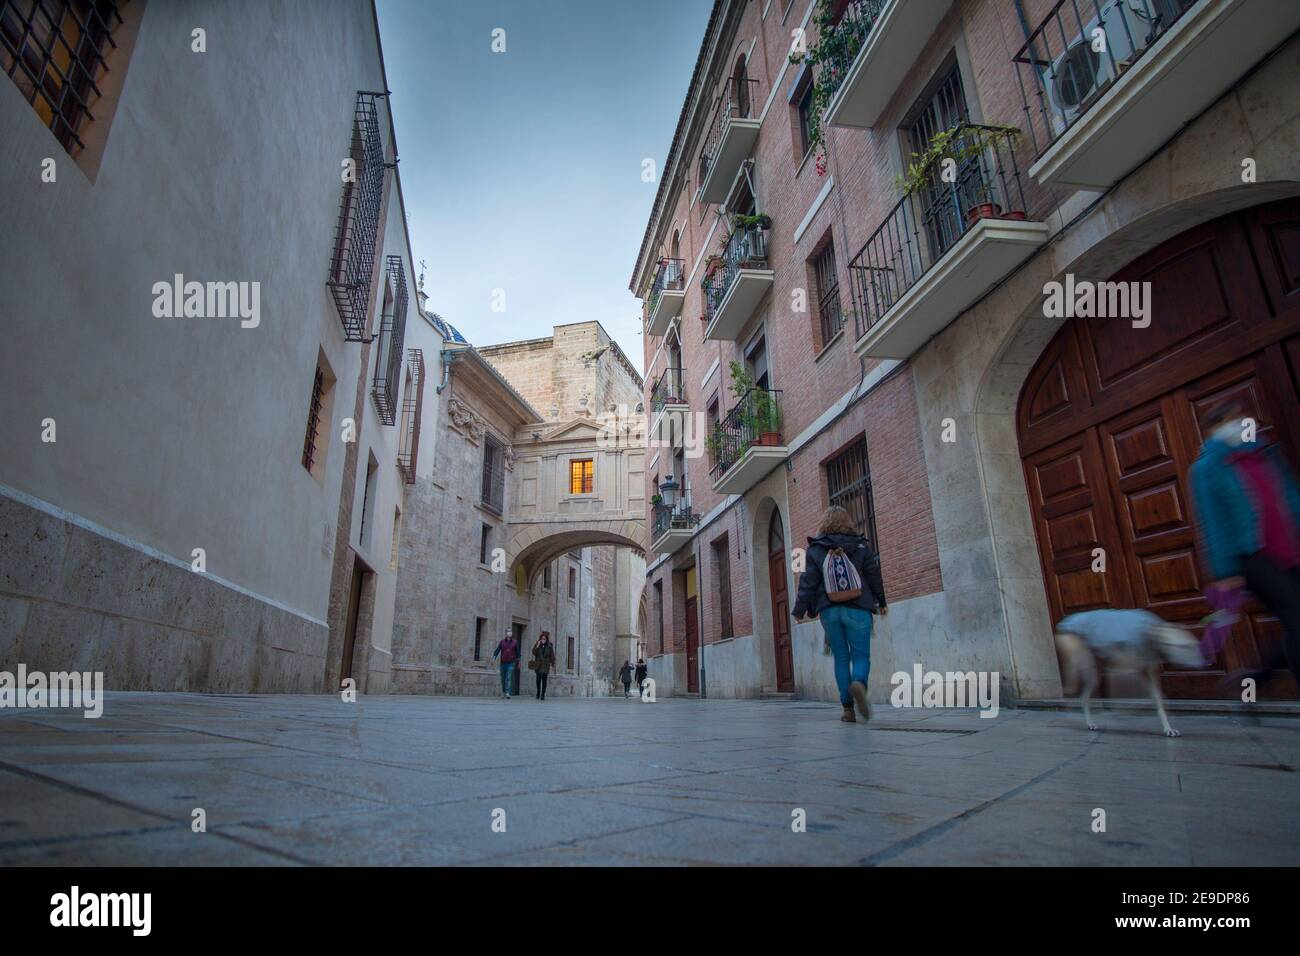 Valence Espagne le 10 décembre 2020 : l'arche de la cathédrale par la rue Barchilla en soirée. Banque D'Images